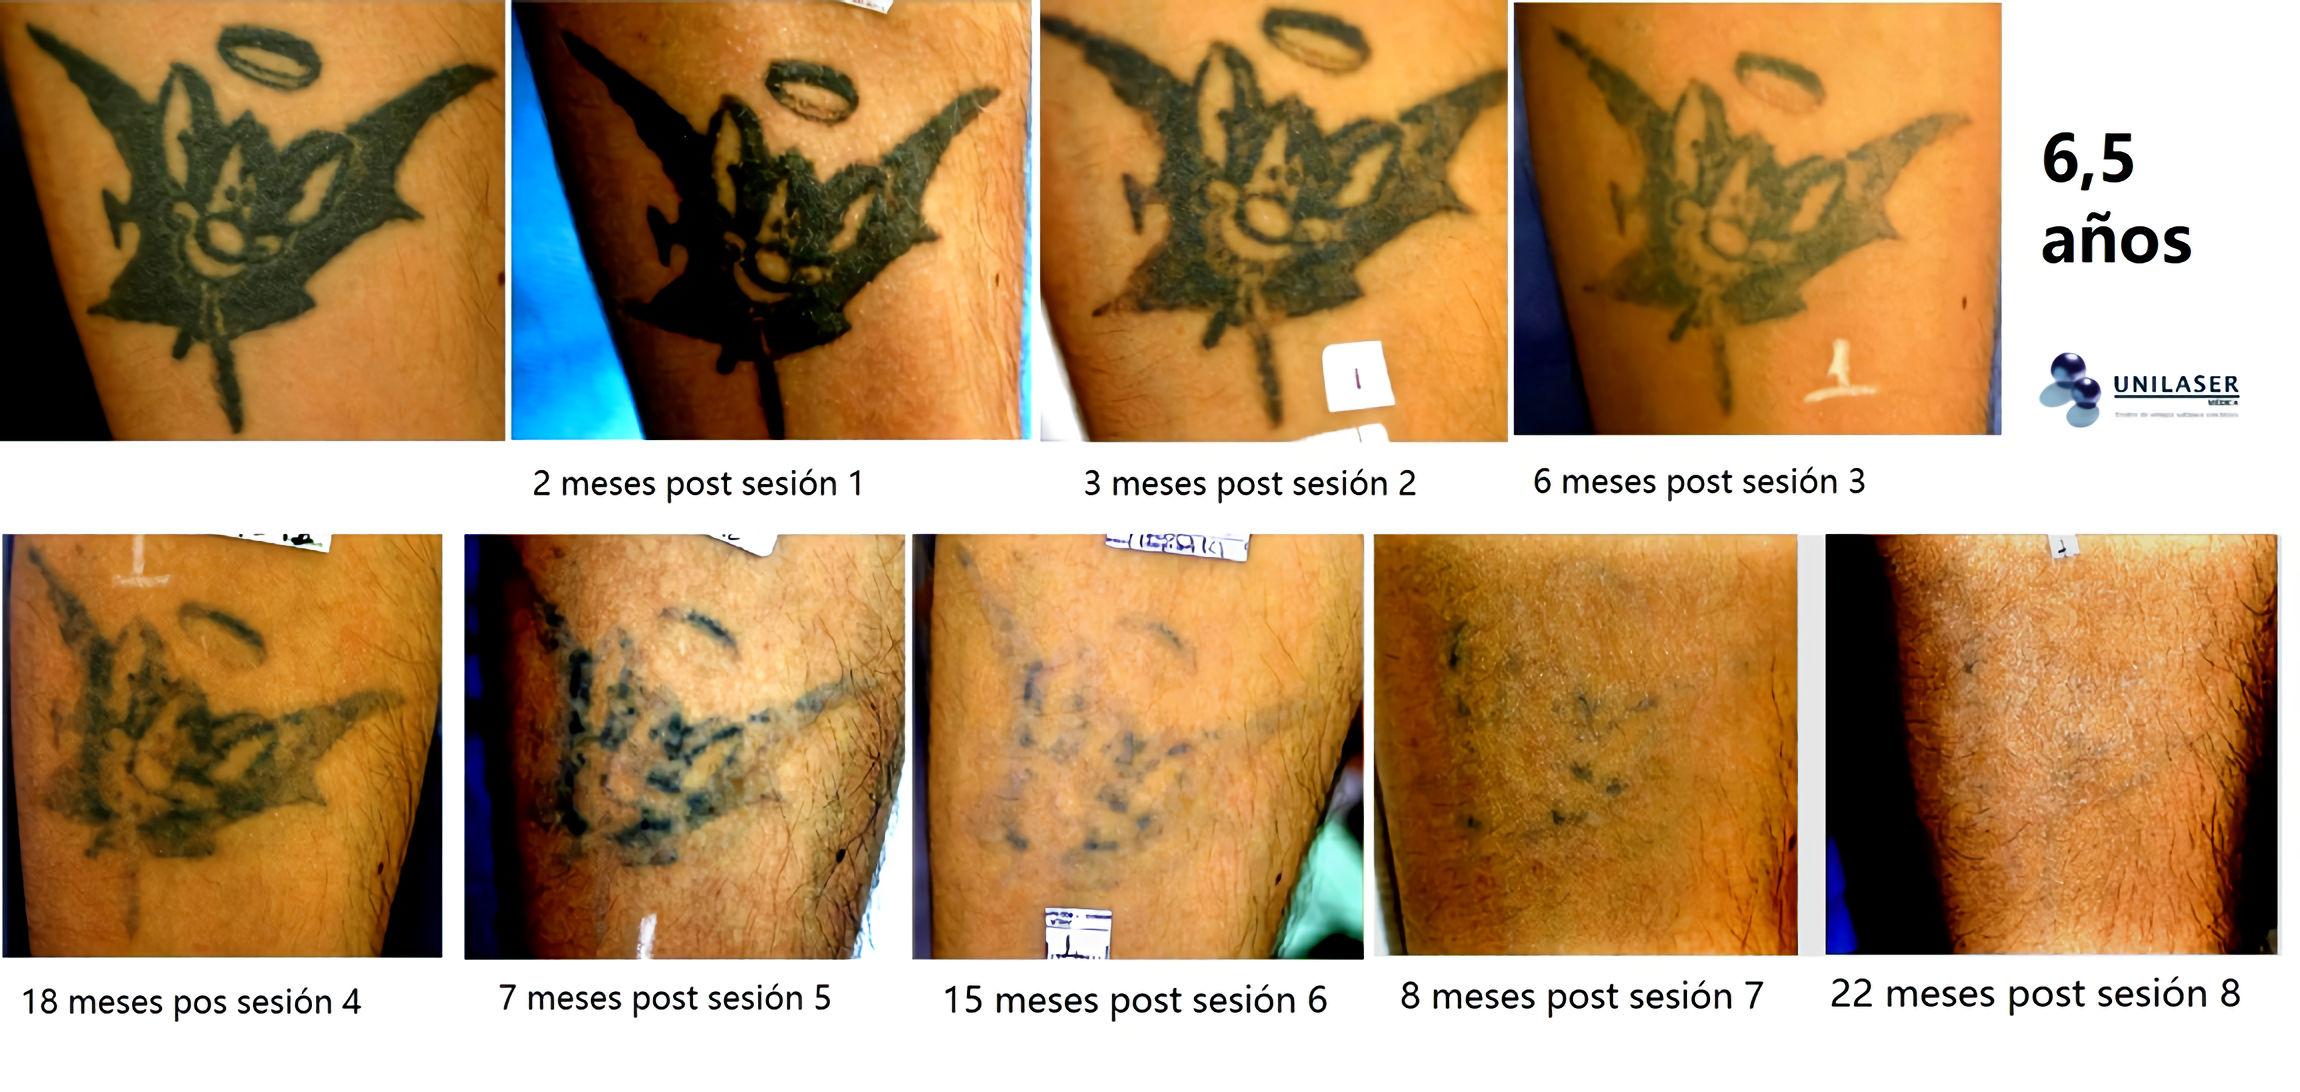 Seguimiento de tratamiento de remoción de tatuaje a 6 años y medio de 8 sesiones láser